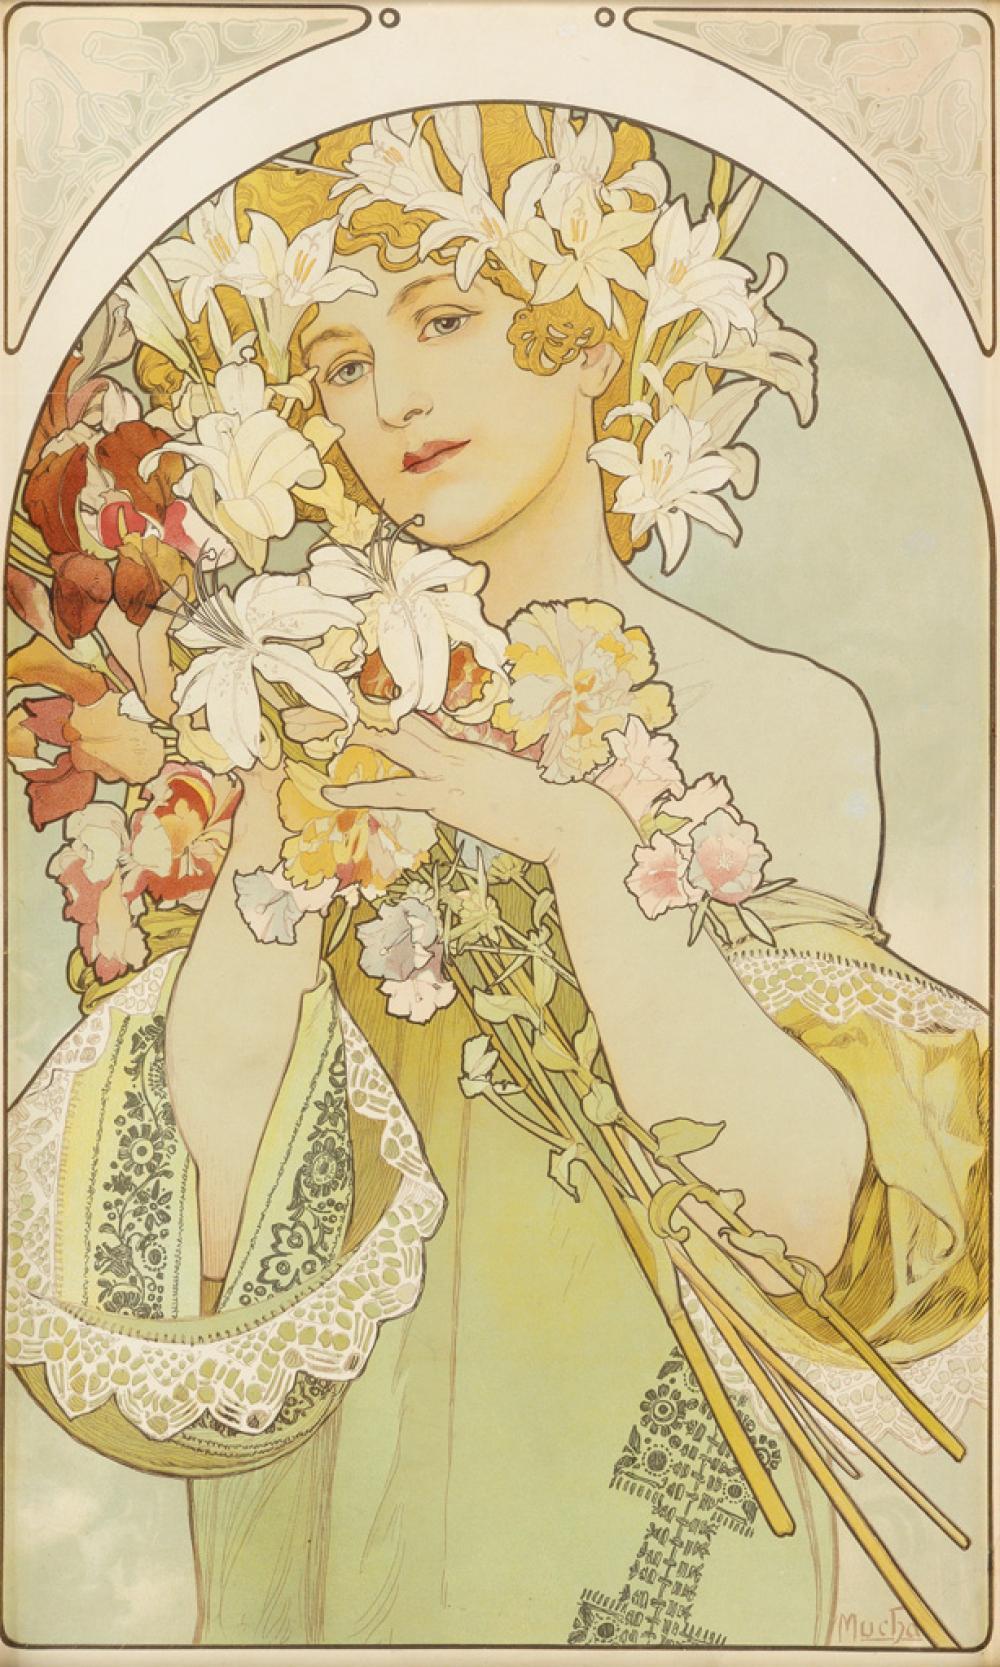 ALPHONSE MUCHA (1860-1939). [LA FLEUR.] 1897. 24x14 inches, 61x37 cm. F. Champenois, Paris.